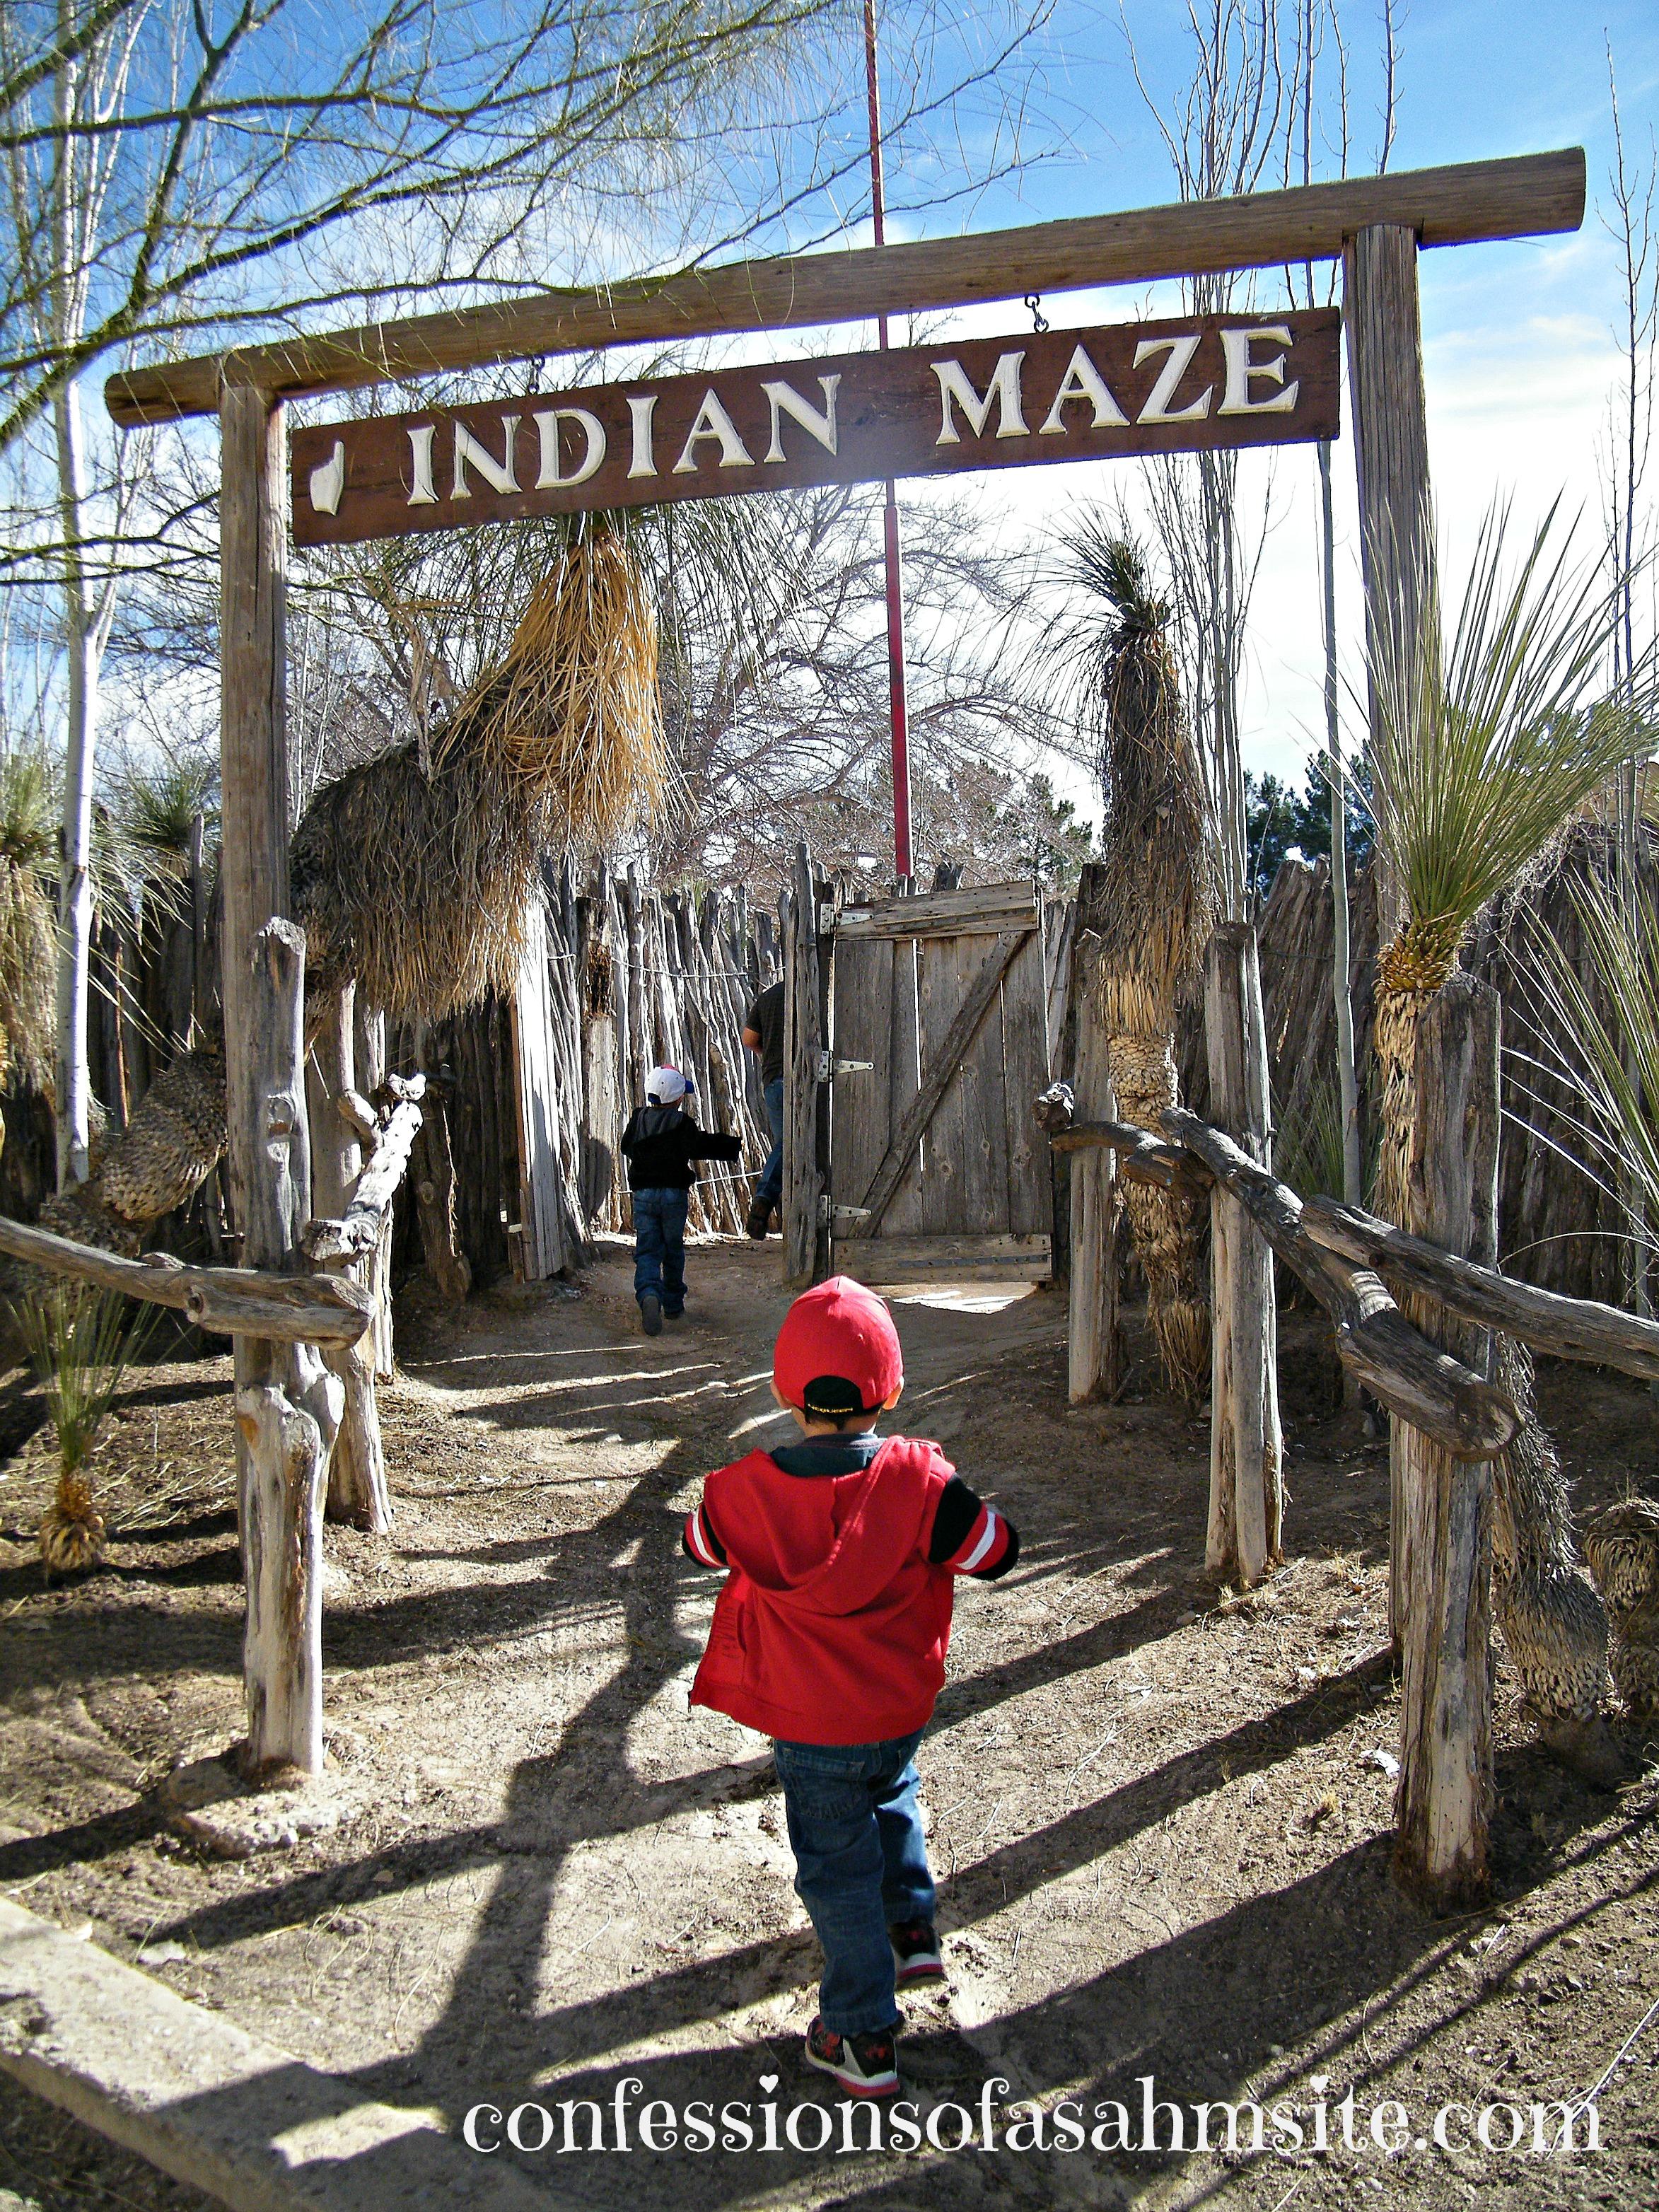 Indian maze